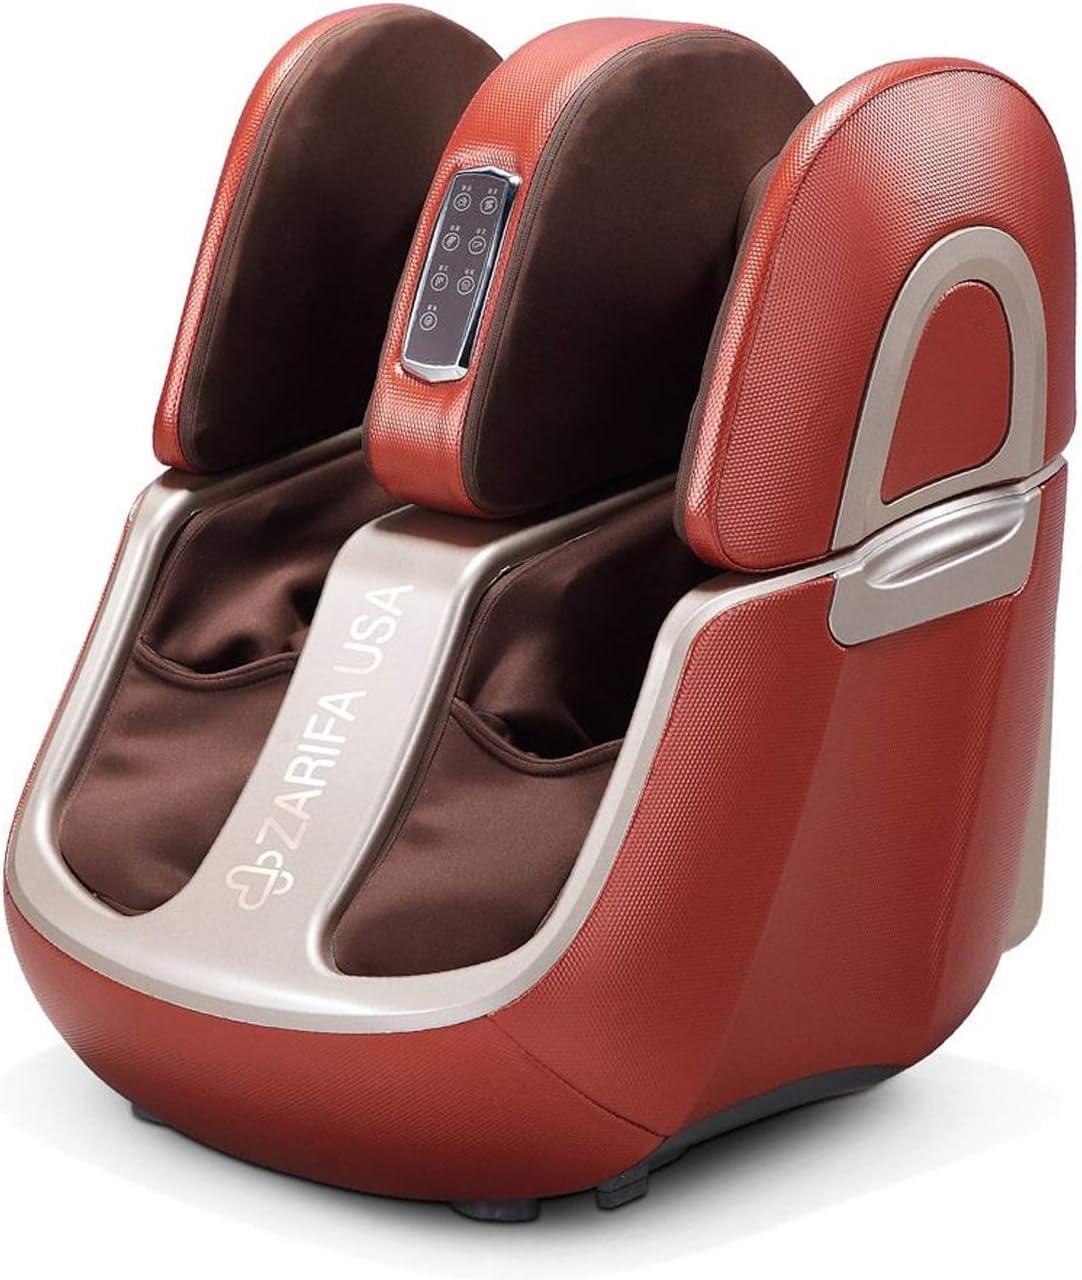 Zarifa USA Z-Smart Electric Shiatsu Spa wi Leg Massager Washington Mall Foot and Recommended